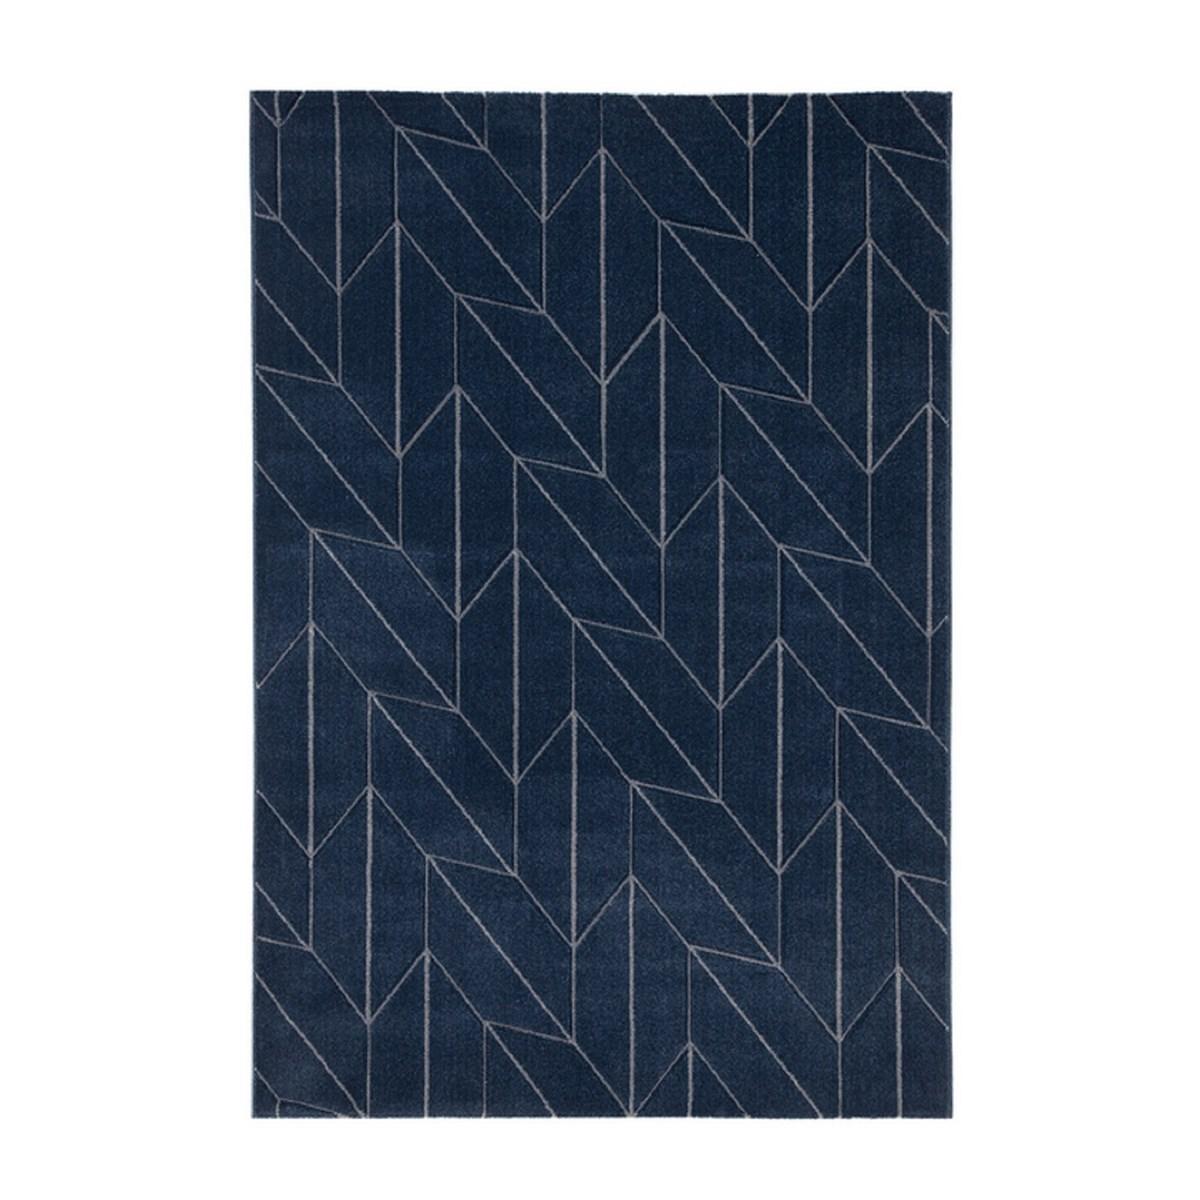 Tapis de salon en Polypropylène Bleu marine 160x230 cm